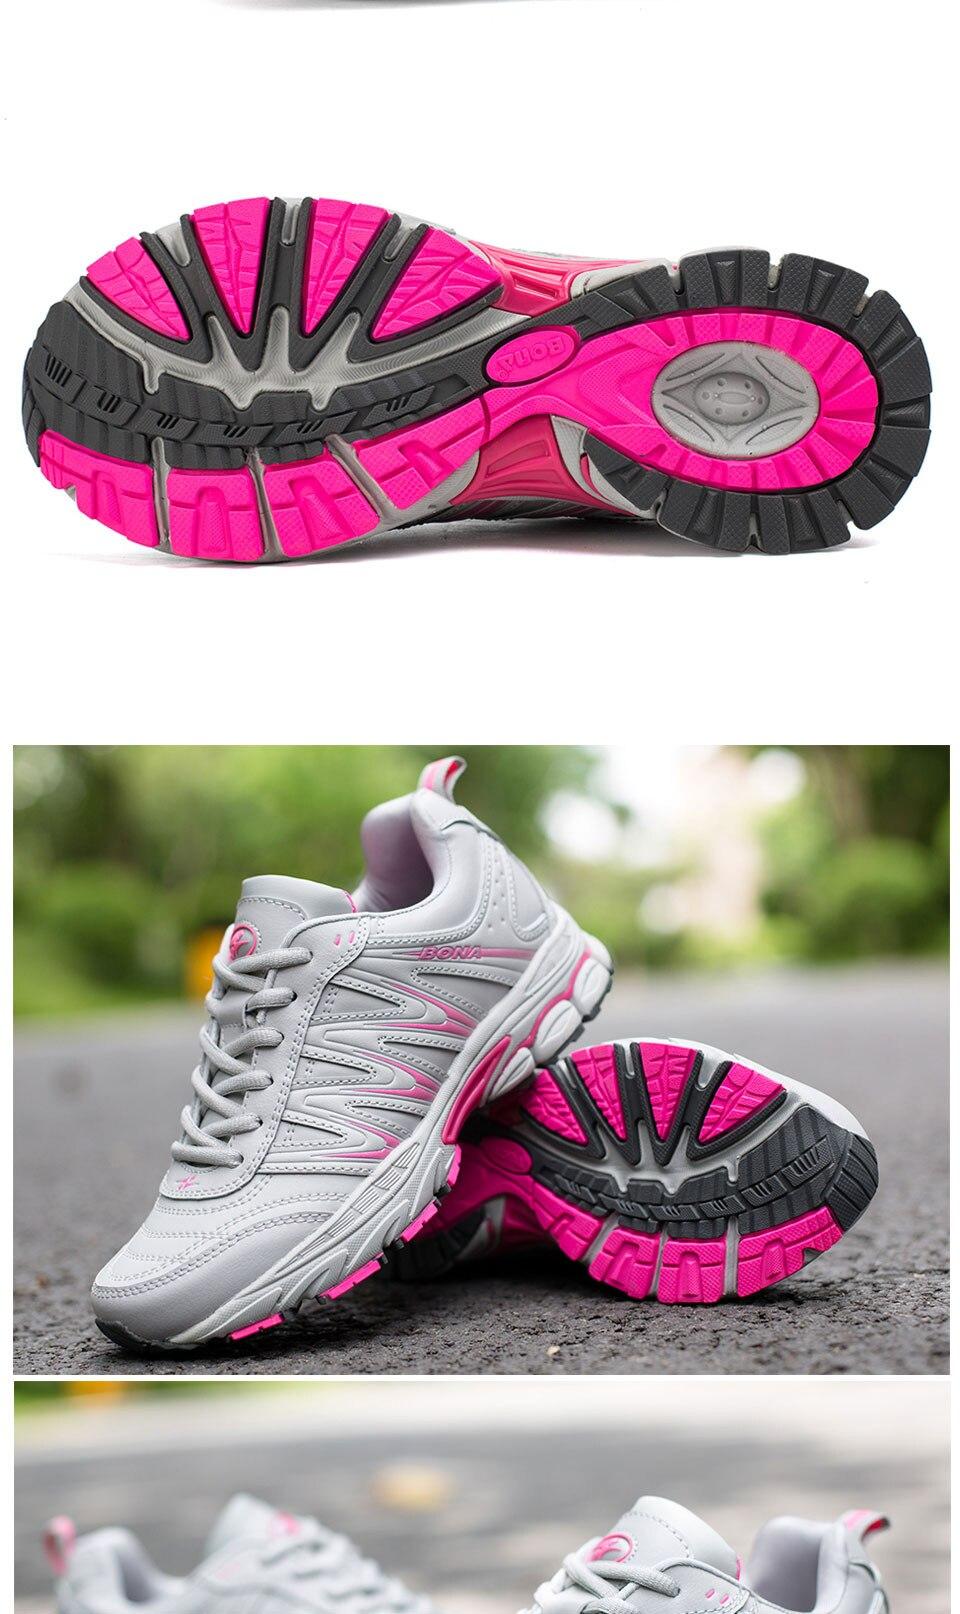 H954c8c68ebf14000b8d4527eb44c910c8 BONA 2019 New Designers Casual Shoes Men Style Cow Split Sneakers Male Lightweight Outdoor Fashion Footwear Man Trendy Comfy